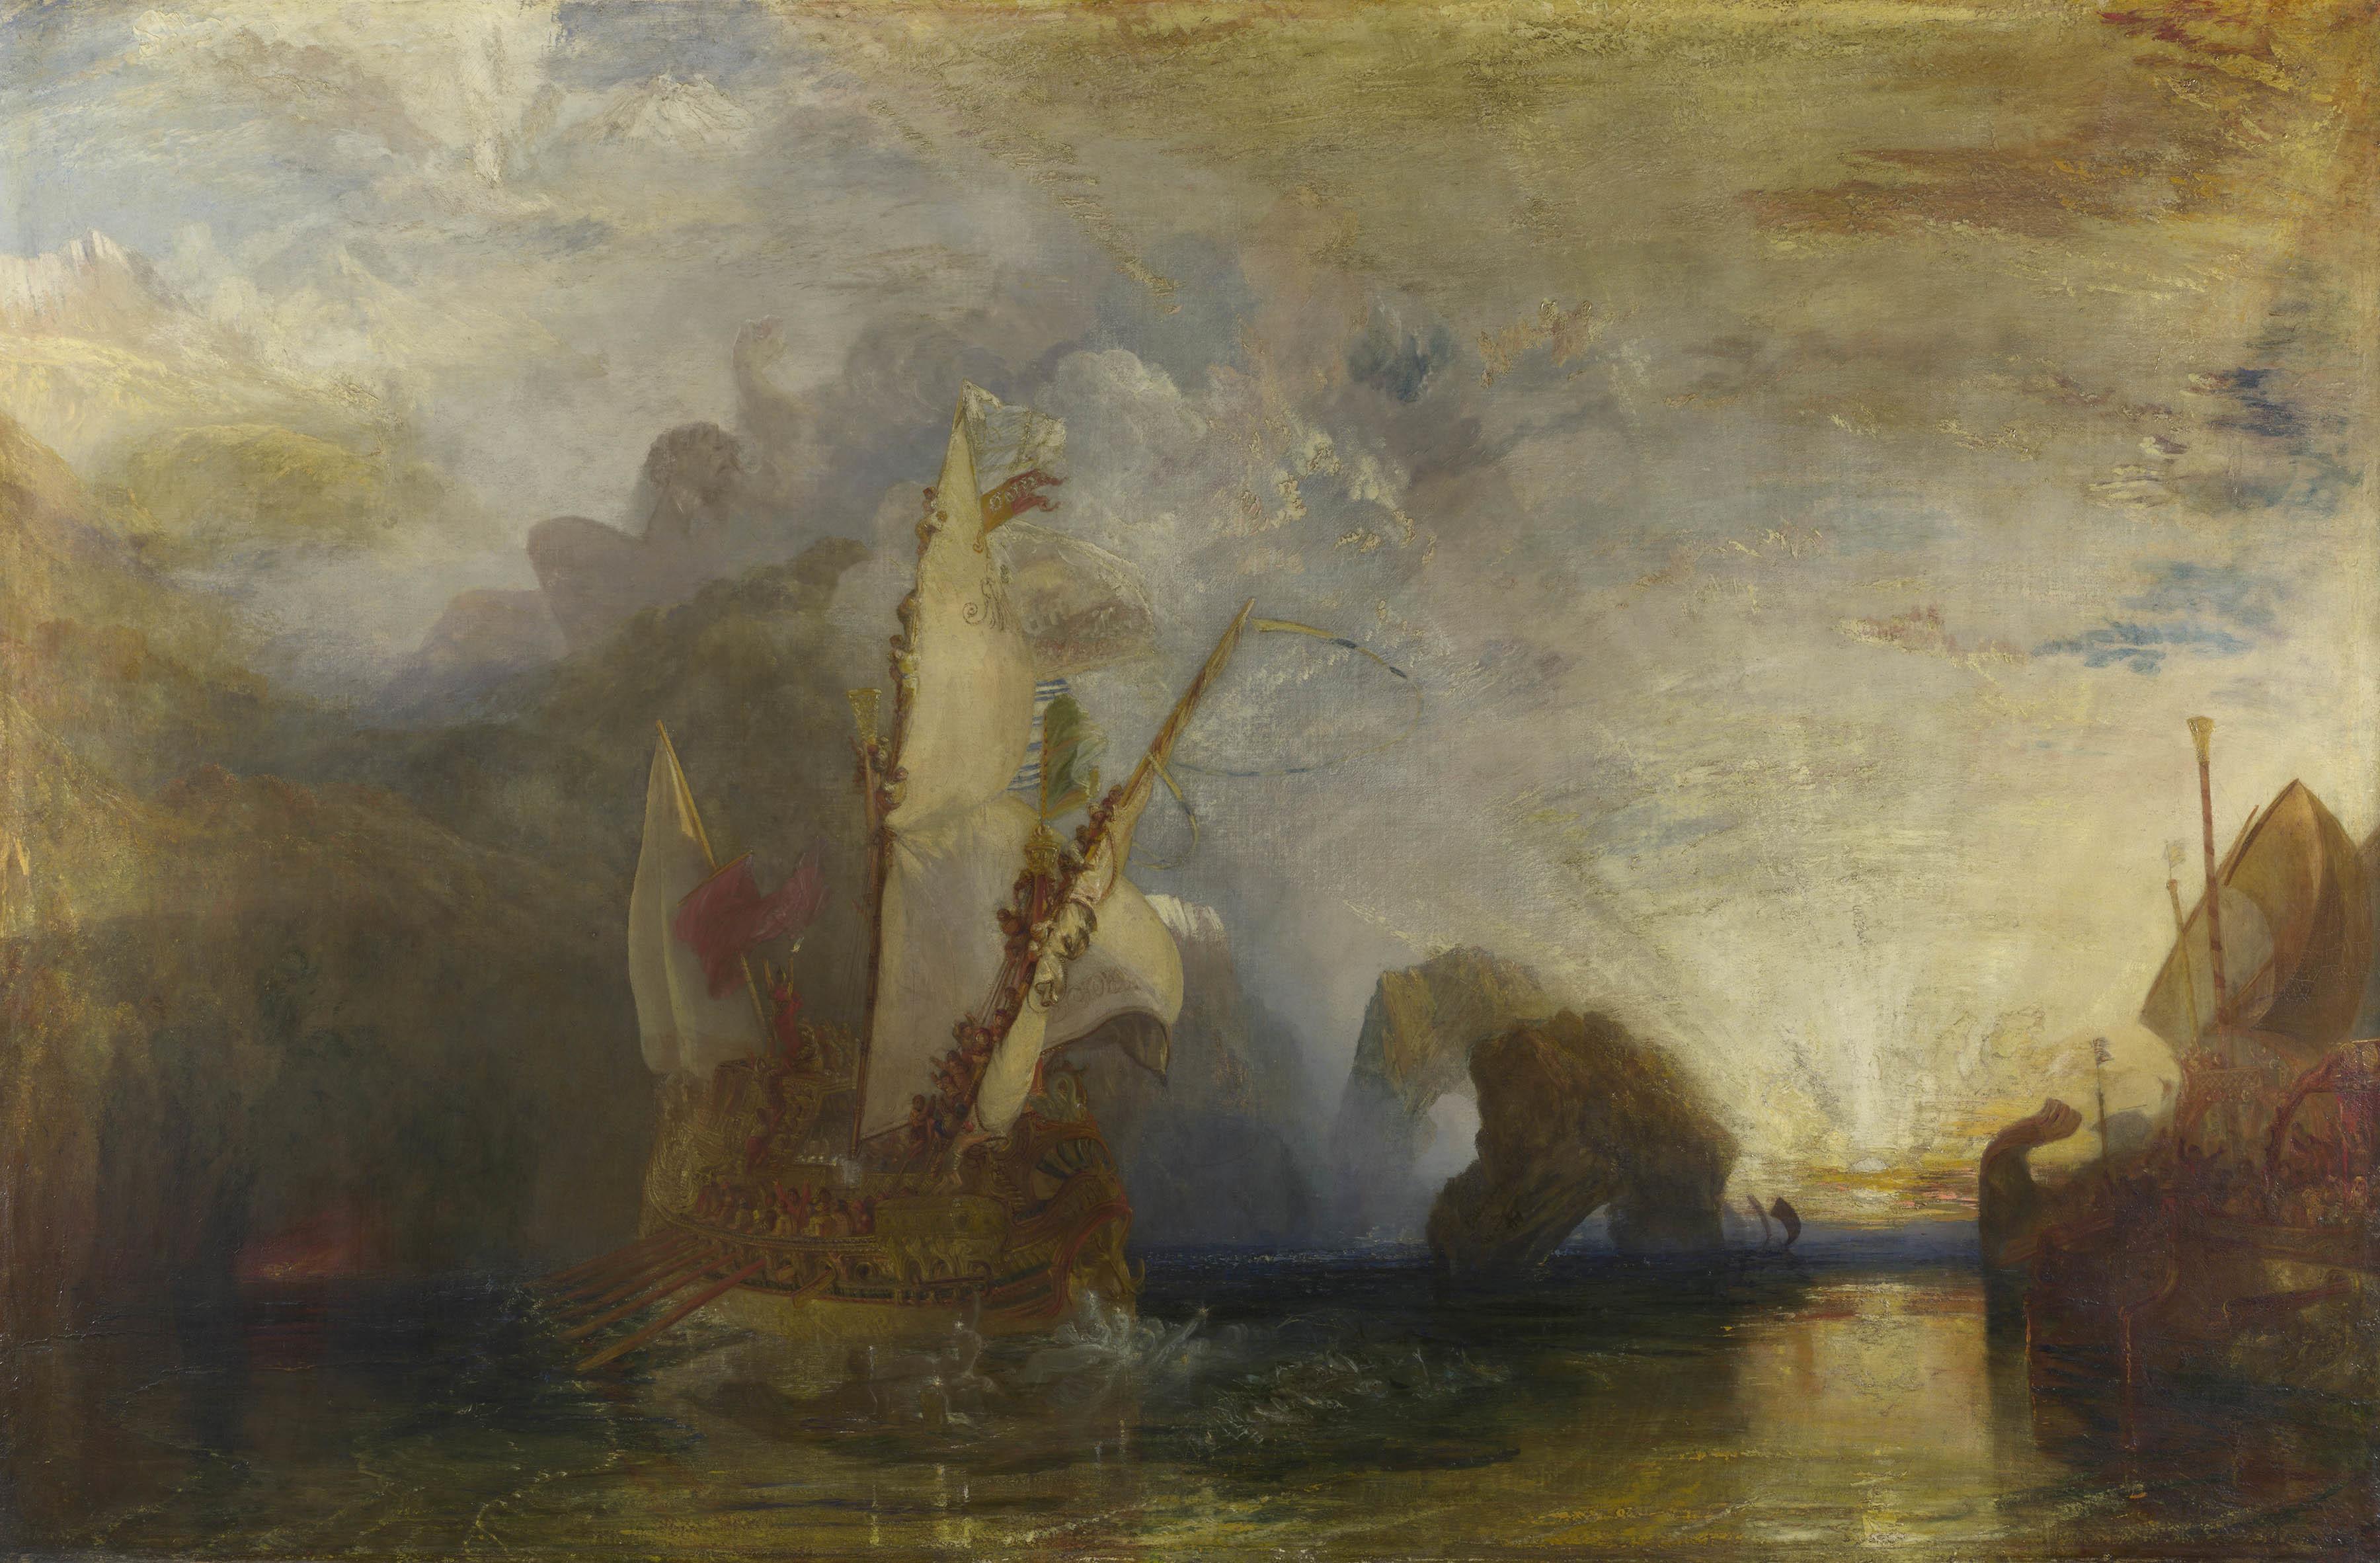 ジョゼフ・マロード・ウィリアム・ターナー 《ポリュフェモスを嘲るオデュッセウス》 1829年 油彩・カンヴァス 132.5×203cm  (C)The National Gallery, London. Turner Bequest, 1856